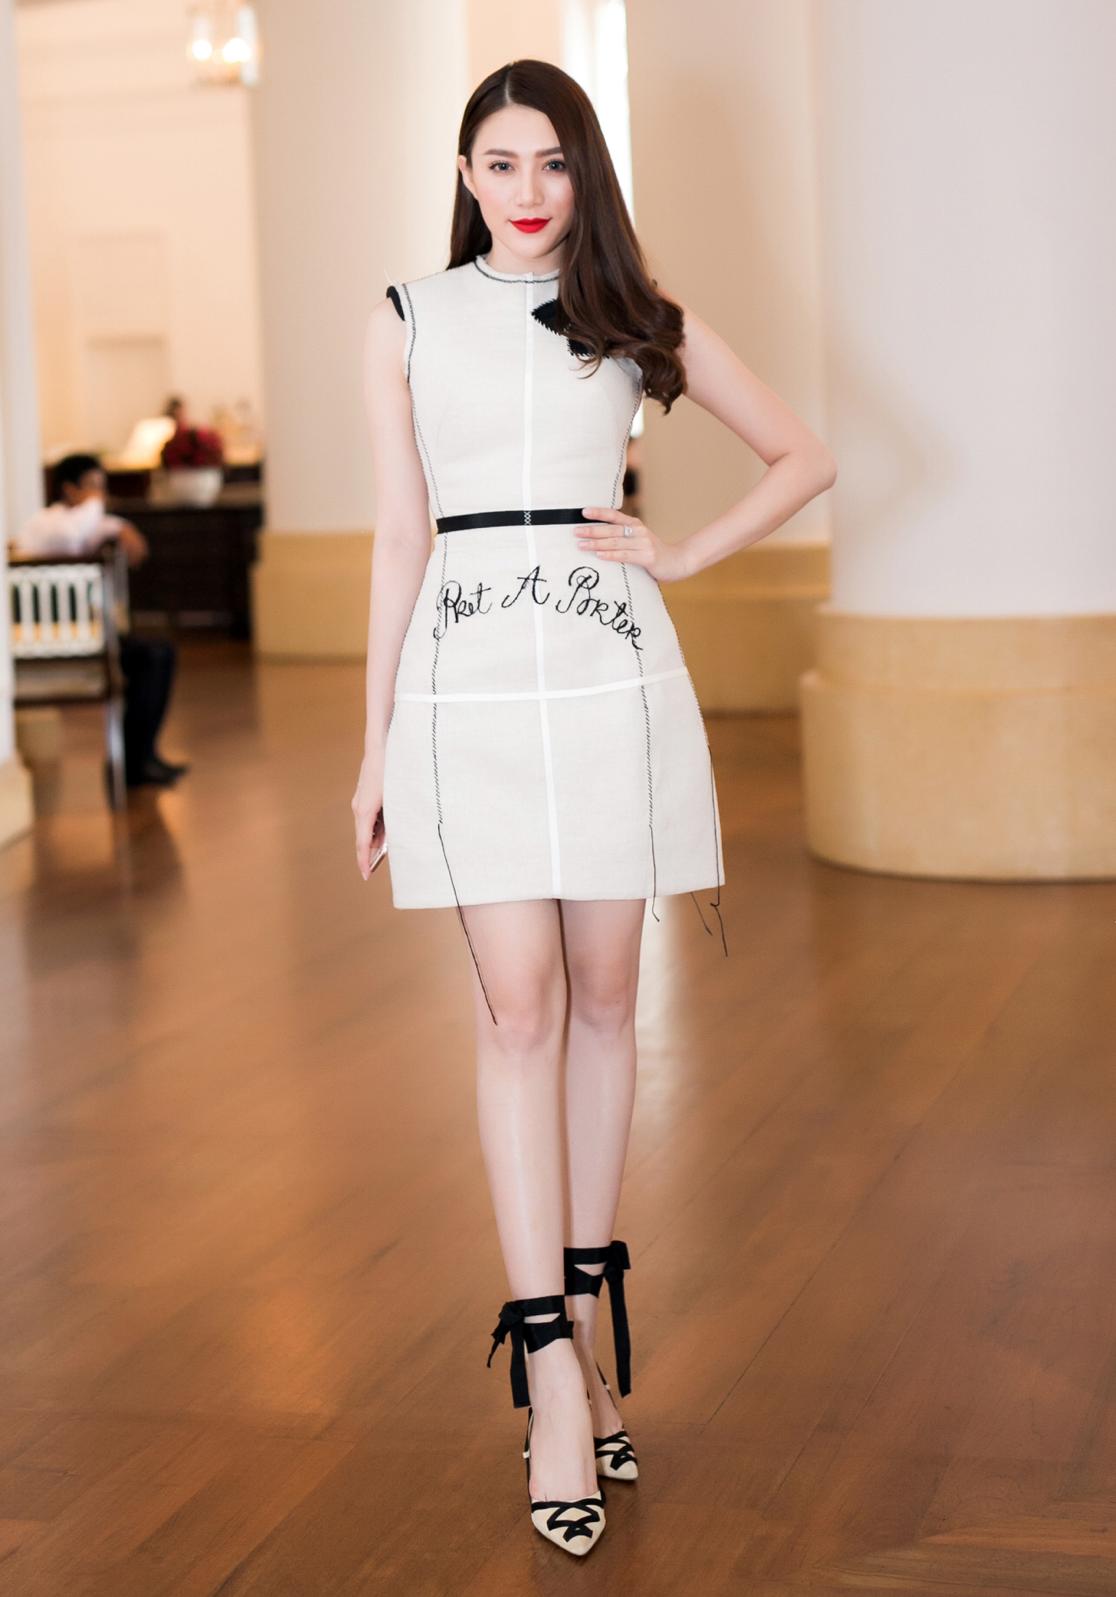 Lê Hà diện váy ngắn với phom dáng cổ điển của nhà thiết kế Lâm Gia Khang. Nữ người mẫu khoe đôi chân dài miên man cùng làn da trắng không tì vết.